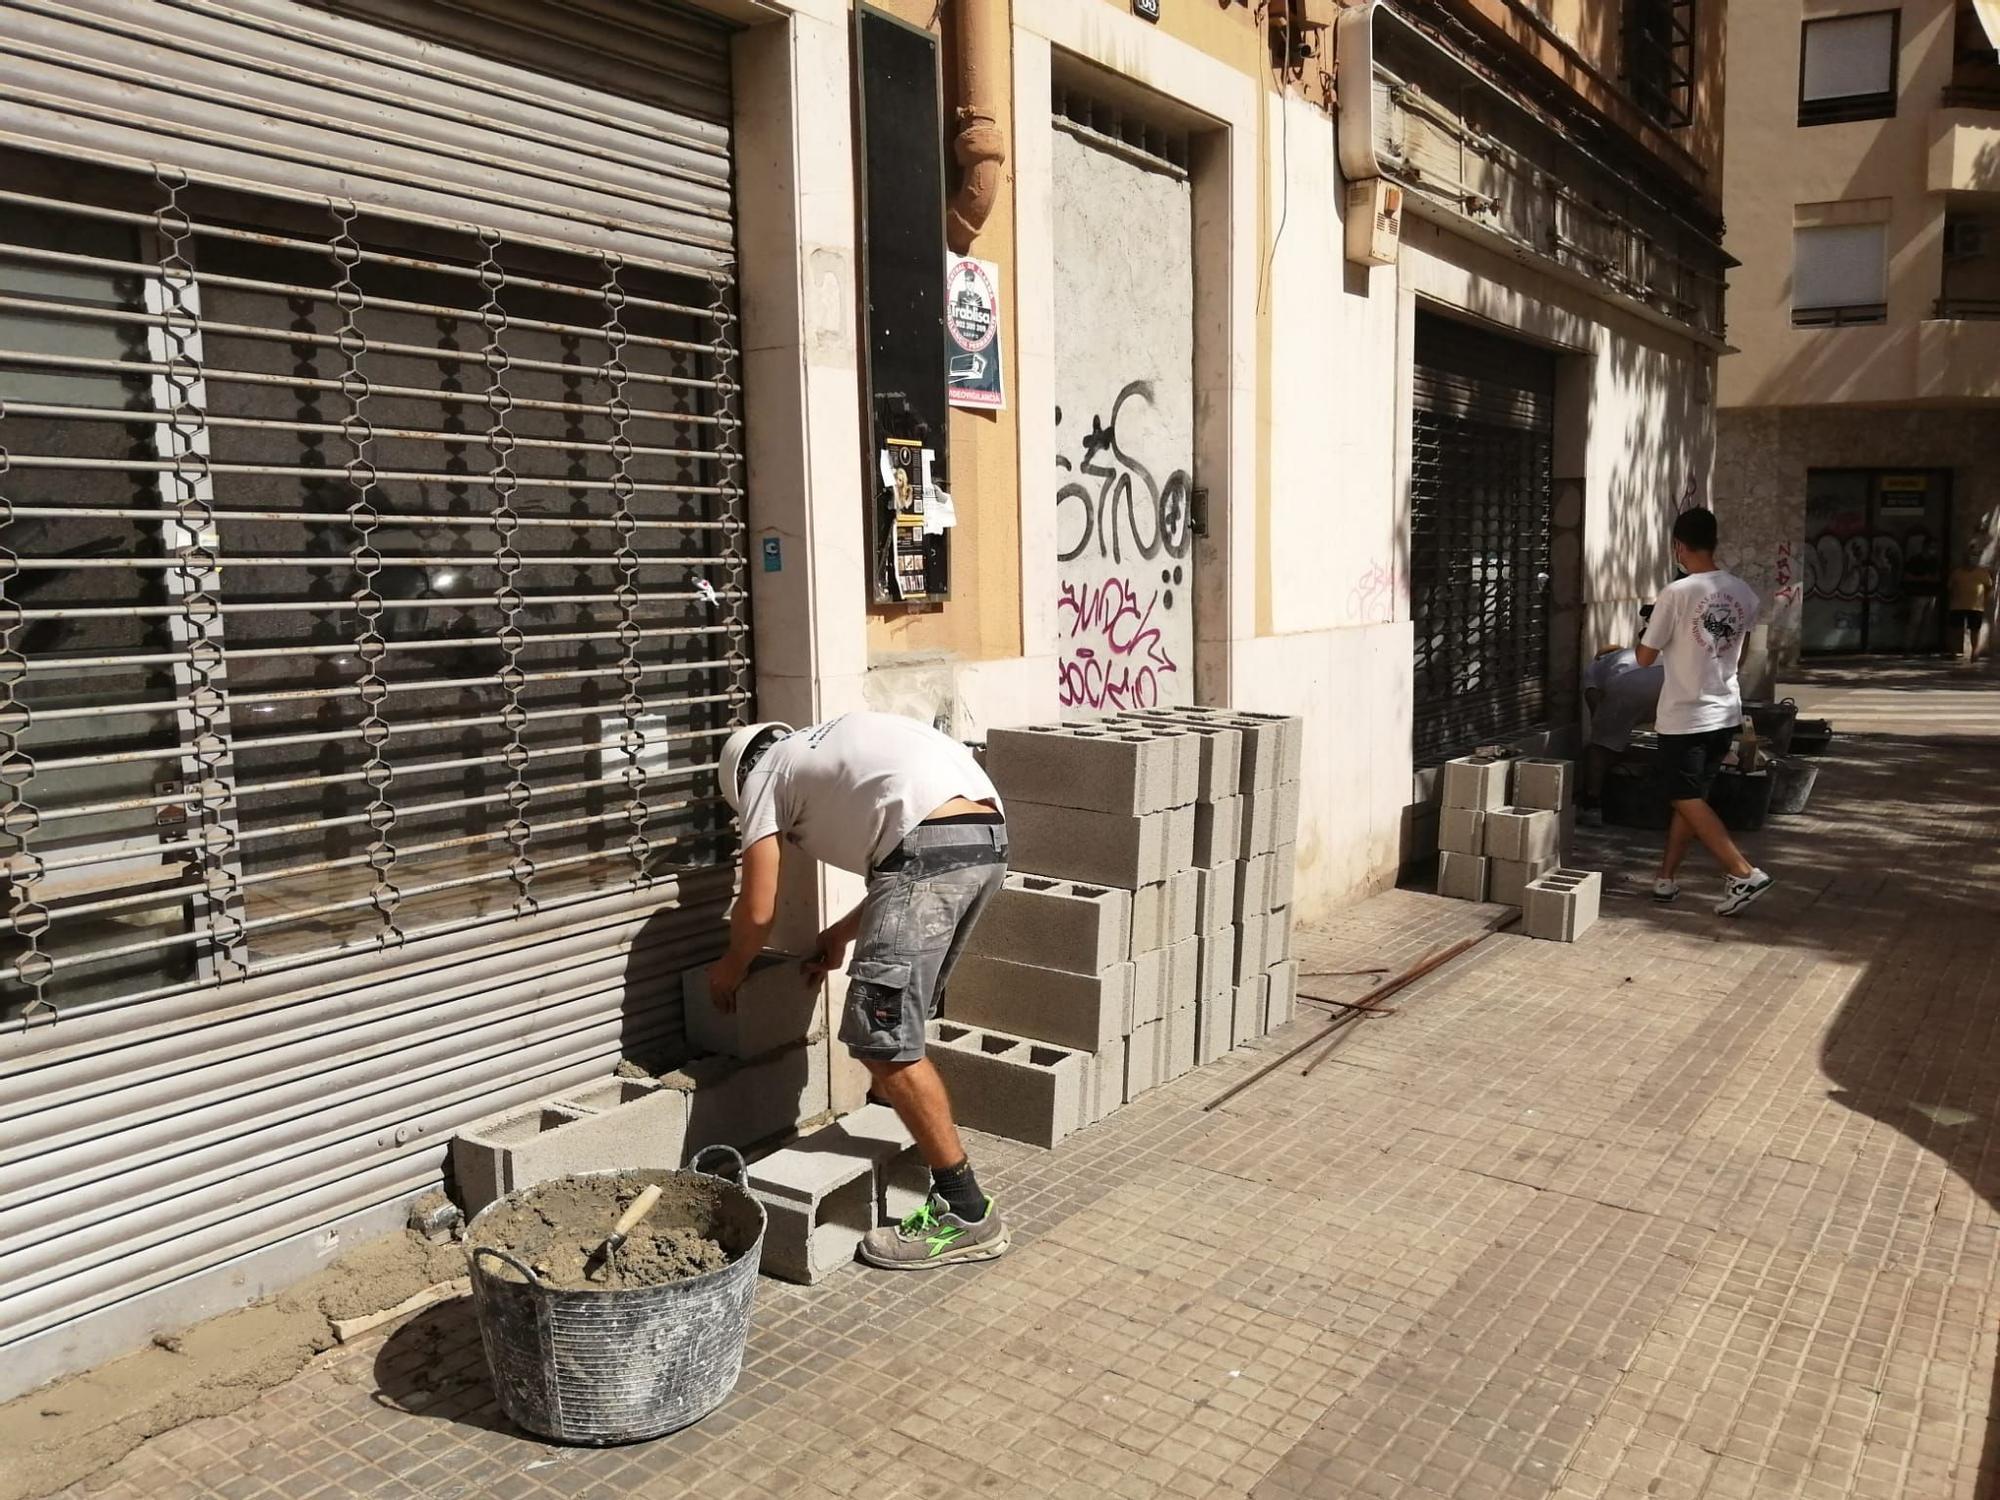 Tapian el edificio okupado de la calle Manacor de Palma tras el incendio